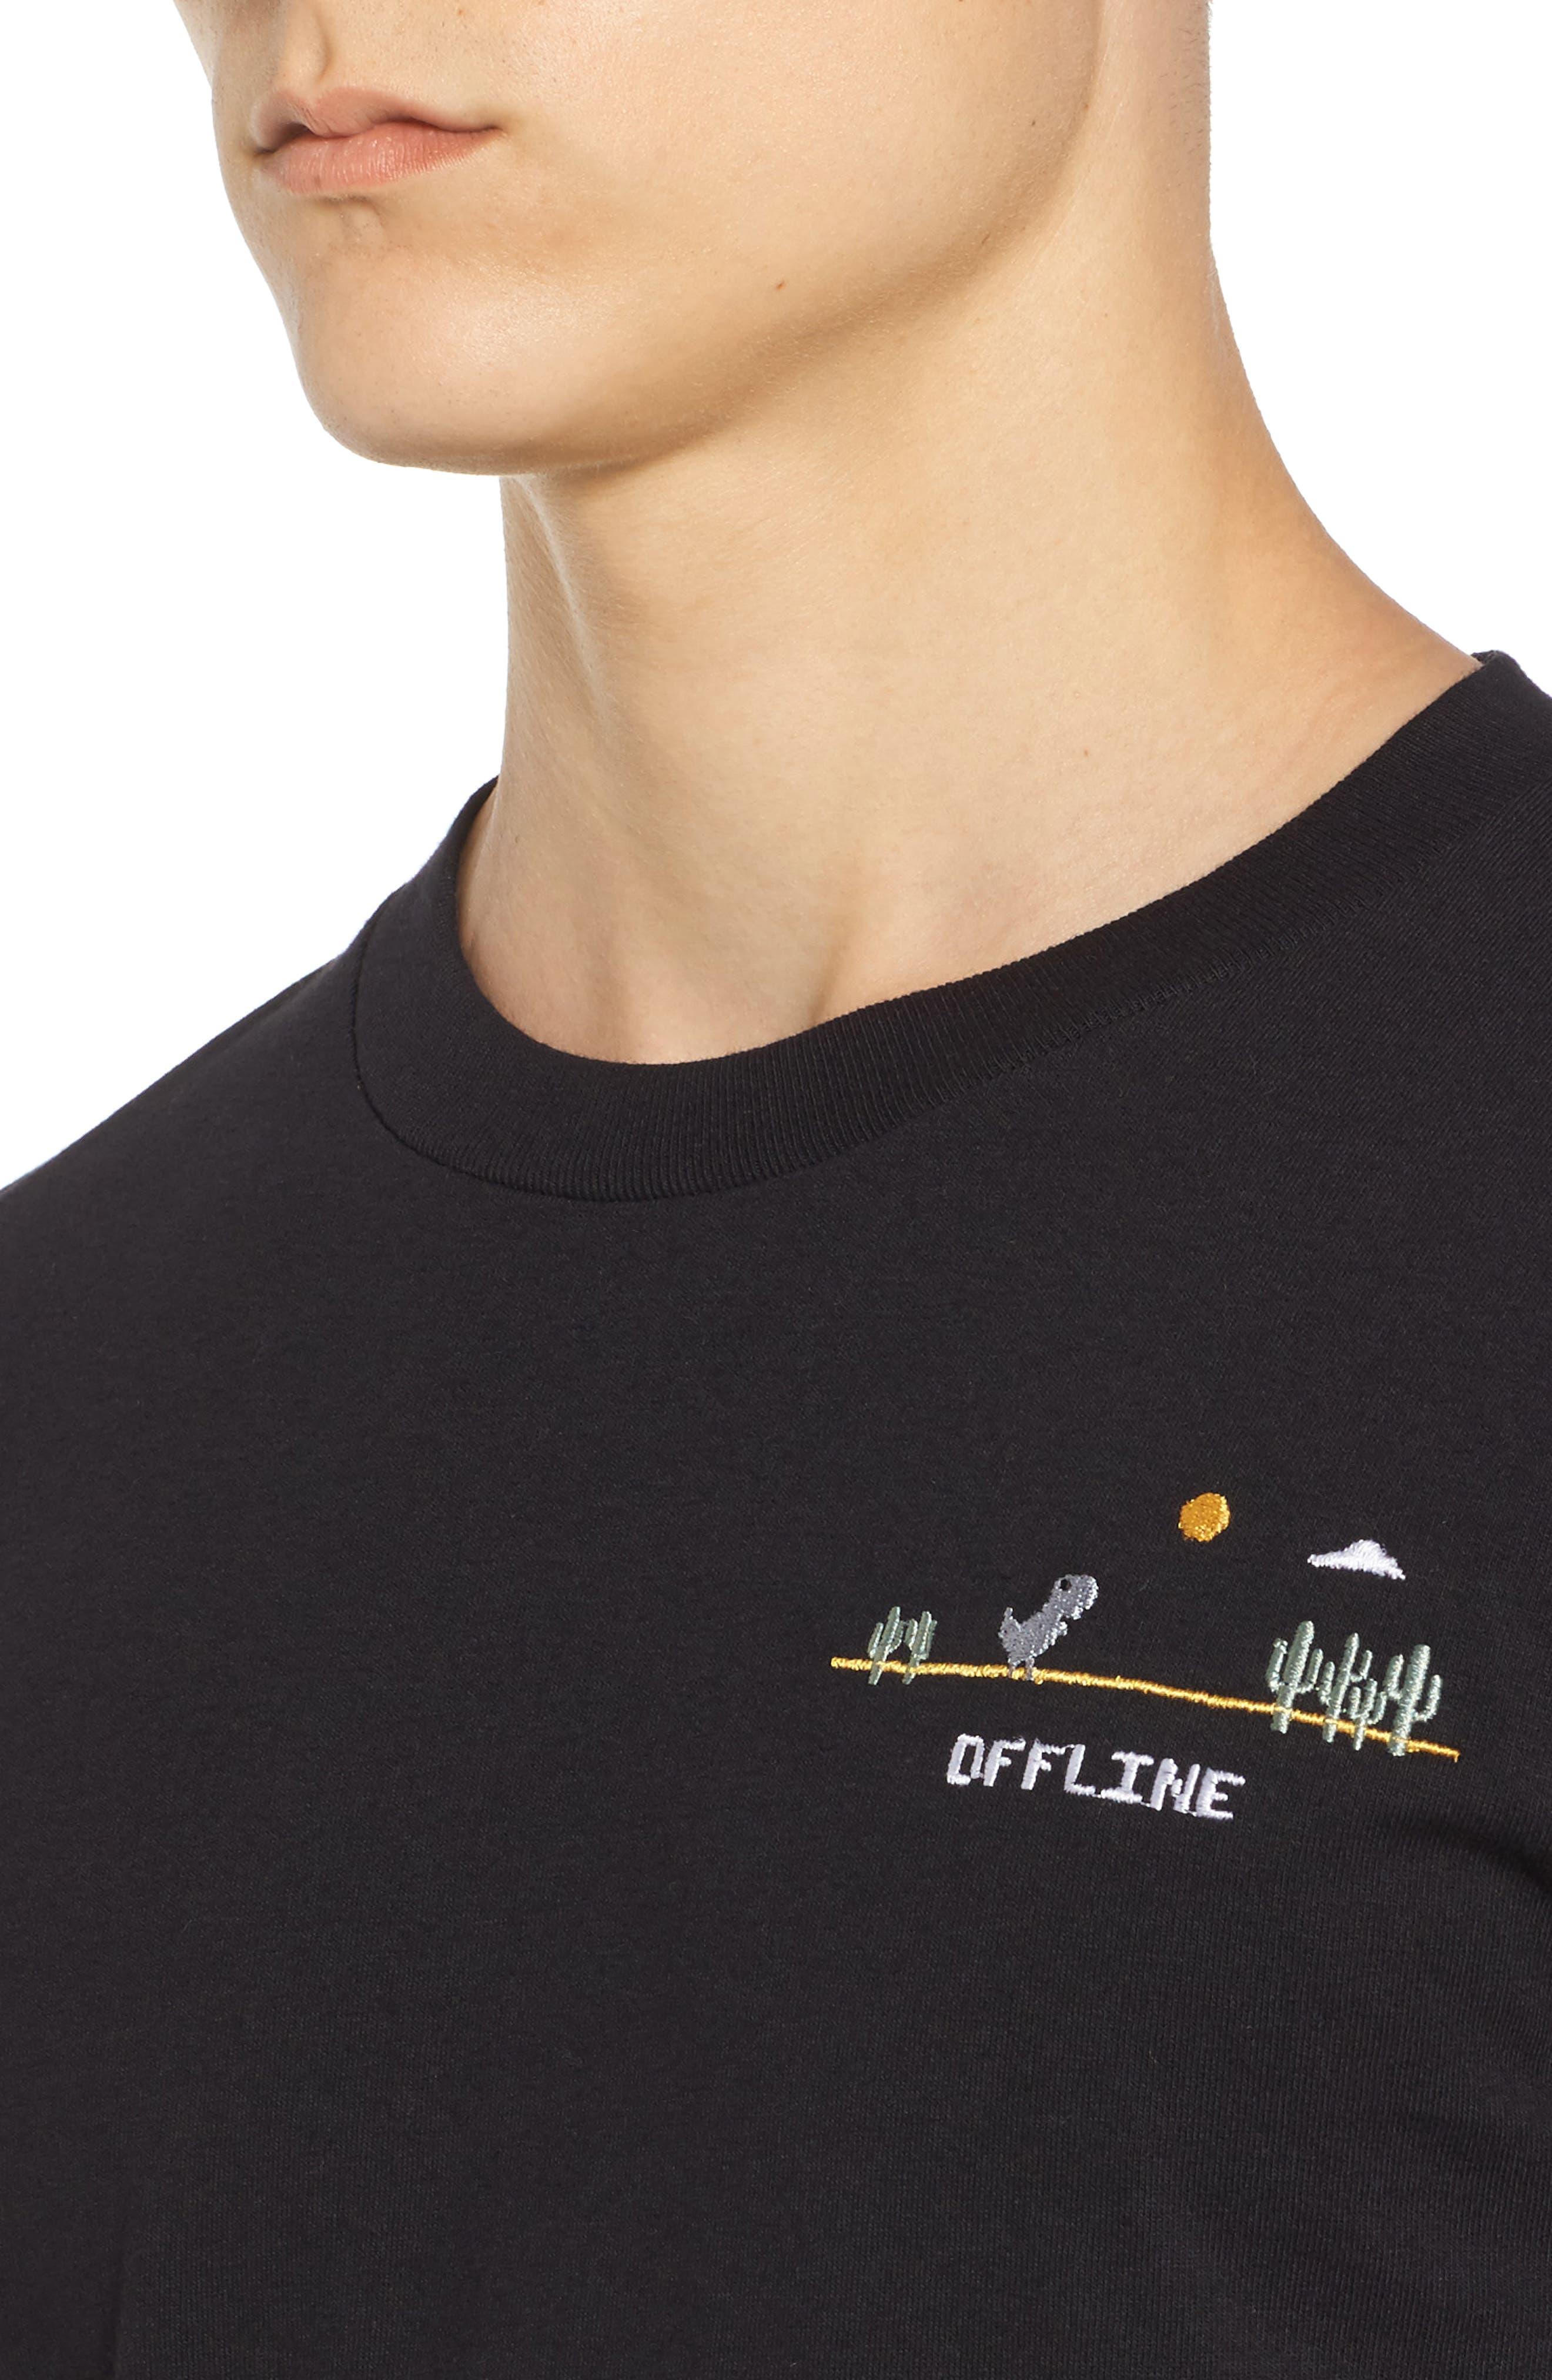 Dino Offline T-Shirt,                             Alternate thumbnail 4, color,                             001